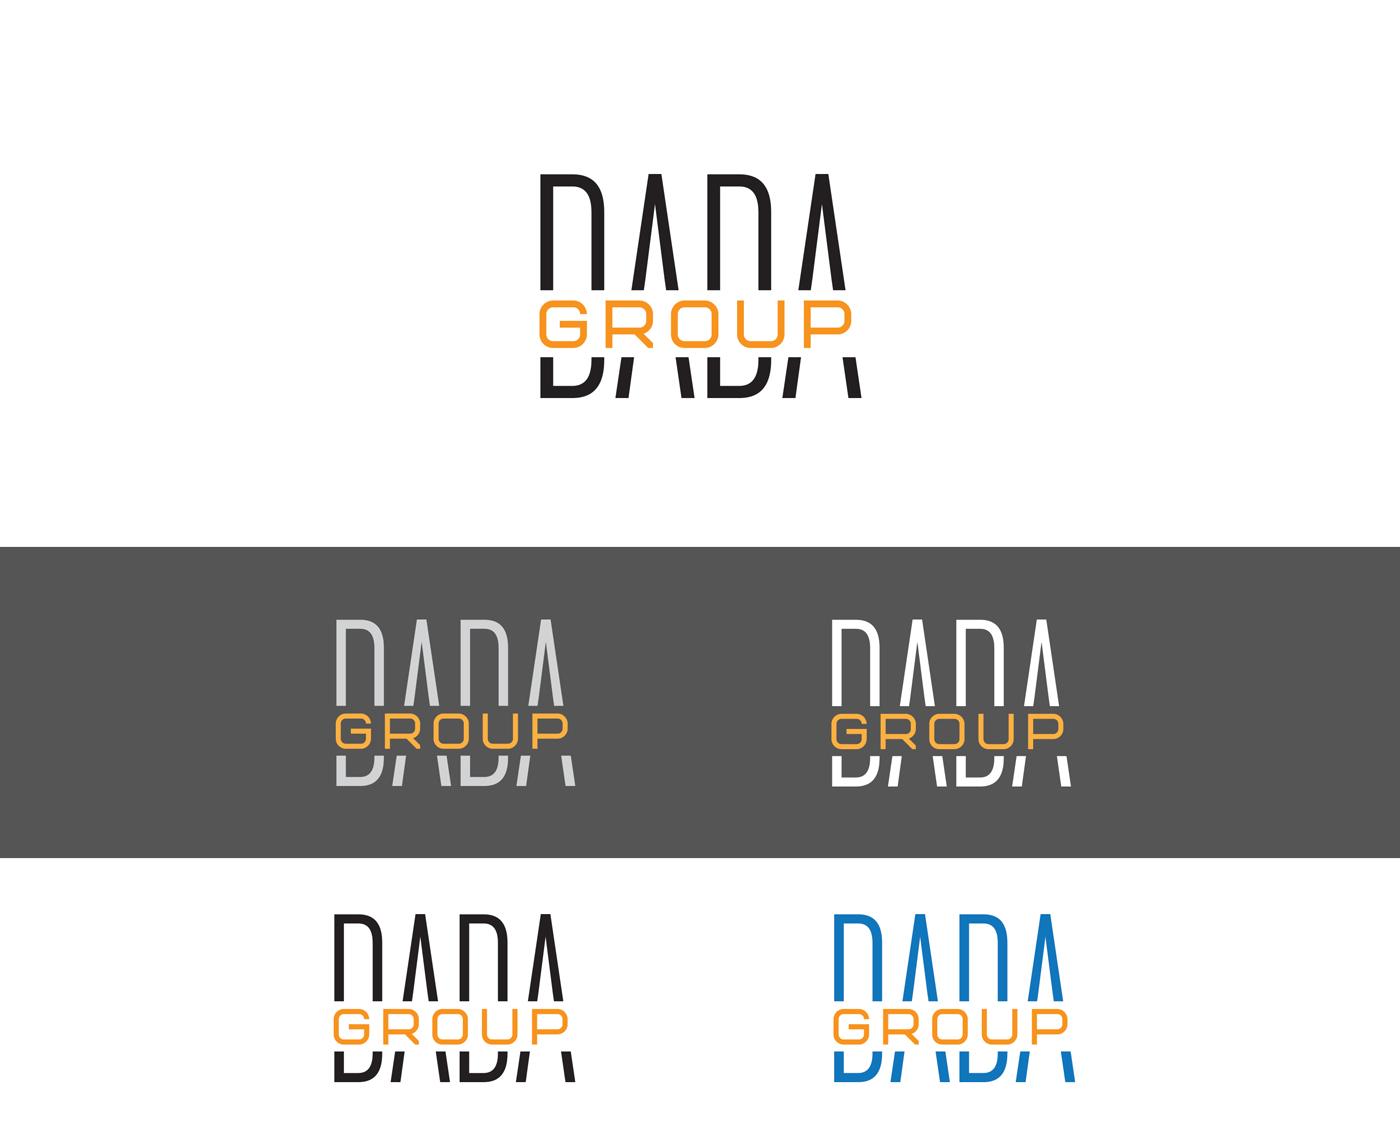 Разработка логотипа фото f_333598c8635a5fd1.jpg